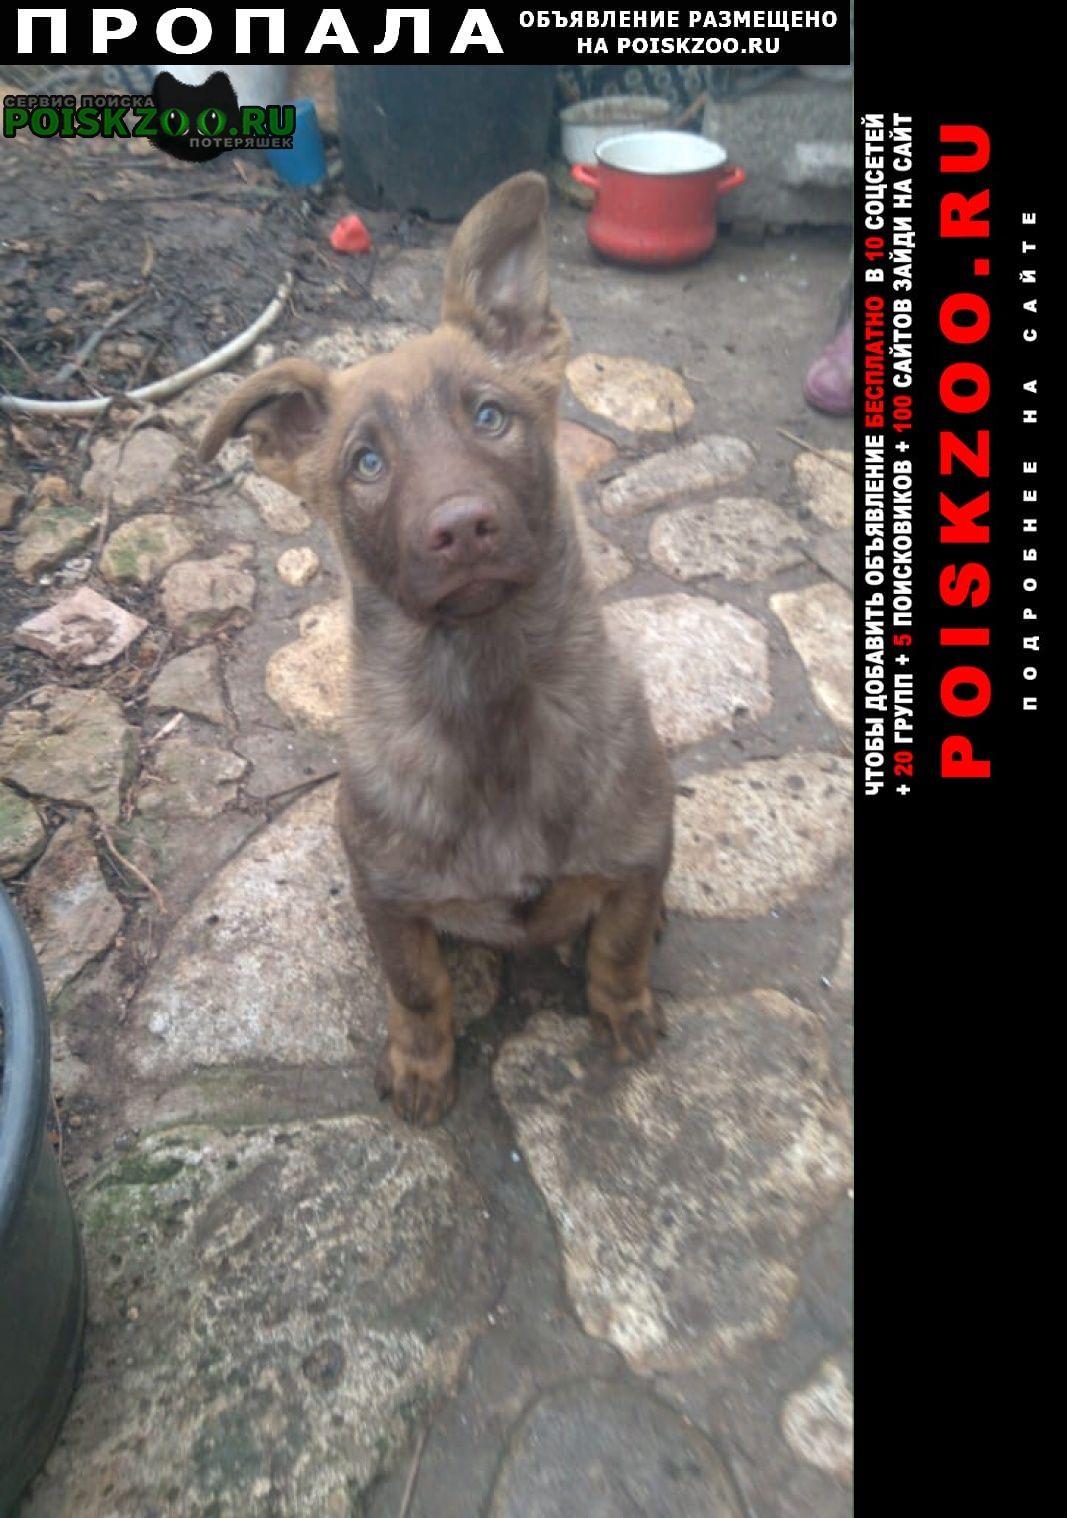 Севастополь Пропала собака щенок миша 3 мес